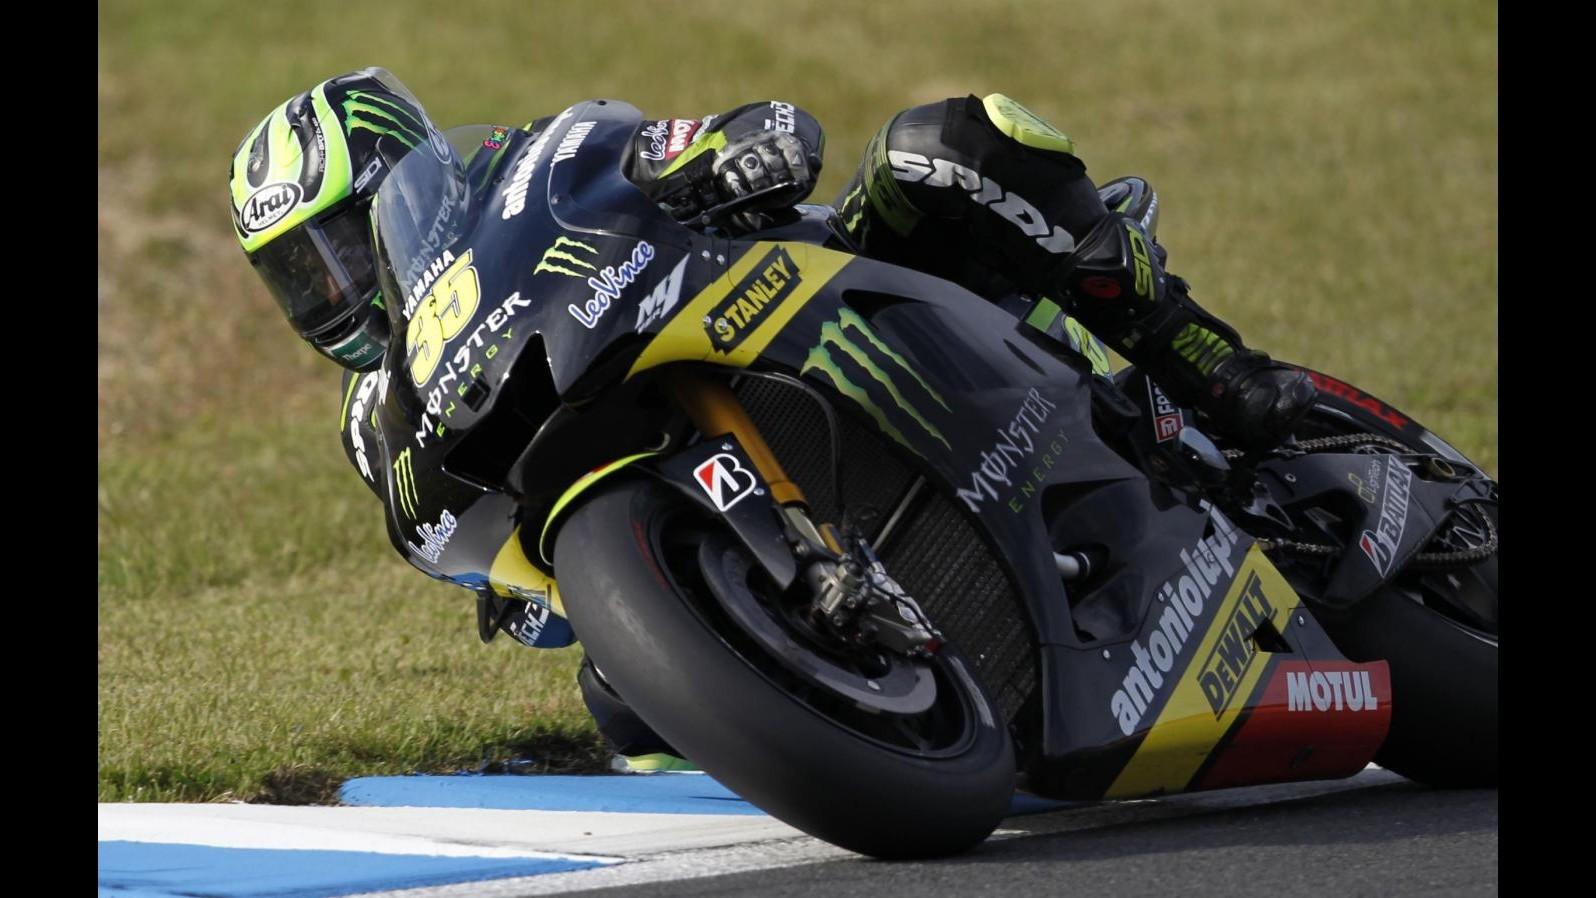 MotoGp, Assen: Crutchlow in pole, Rossi 4° davanti a Pedrosa. Marquez cade, Lorenzo in gara?